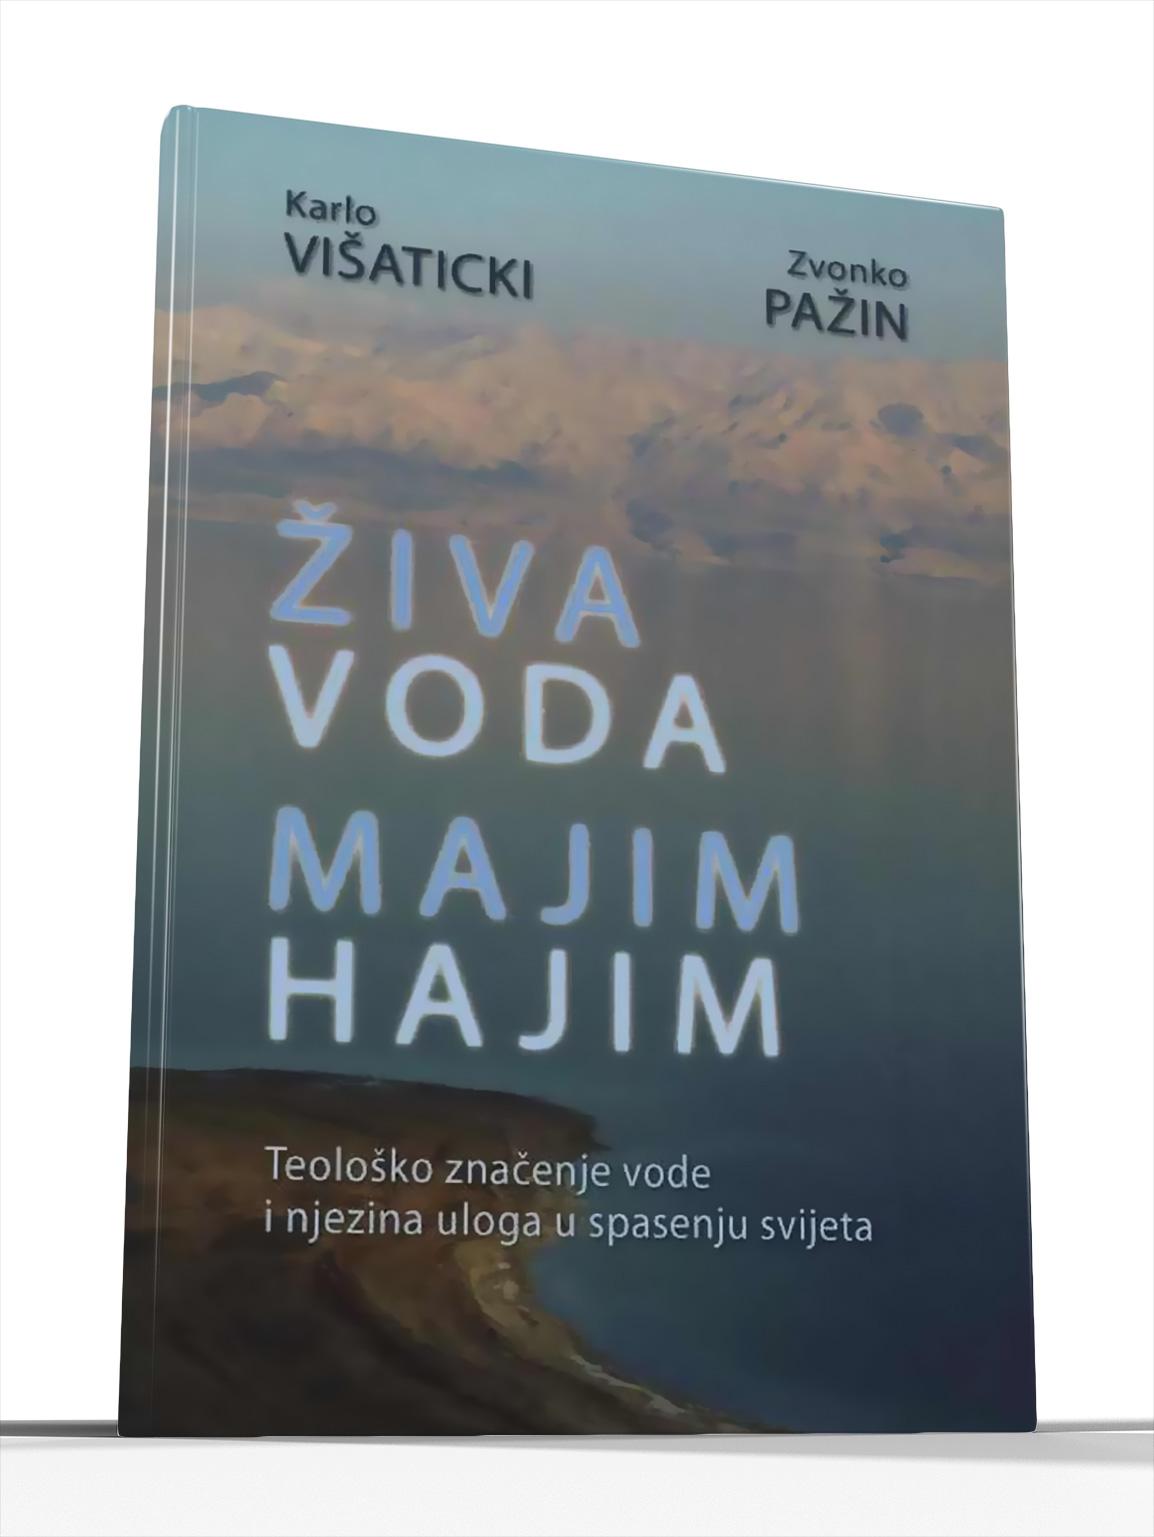 ŽIVA VODA - Karlo Višaticki i Zvonko Pažin